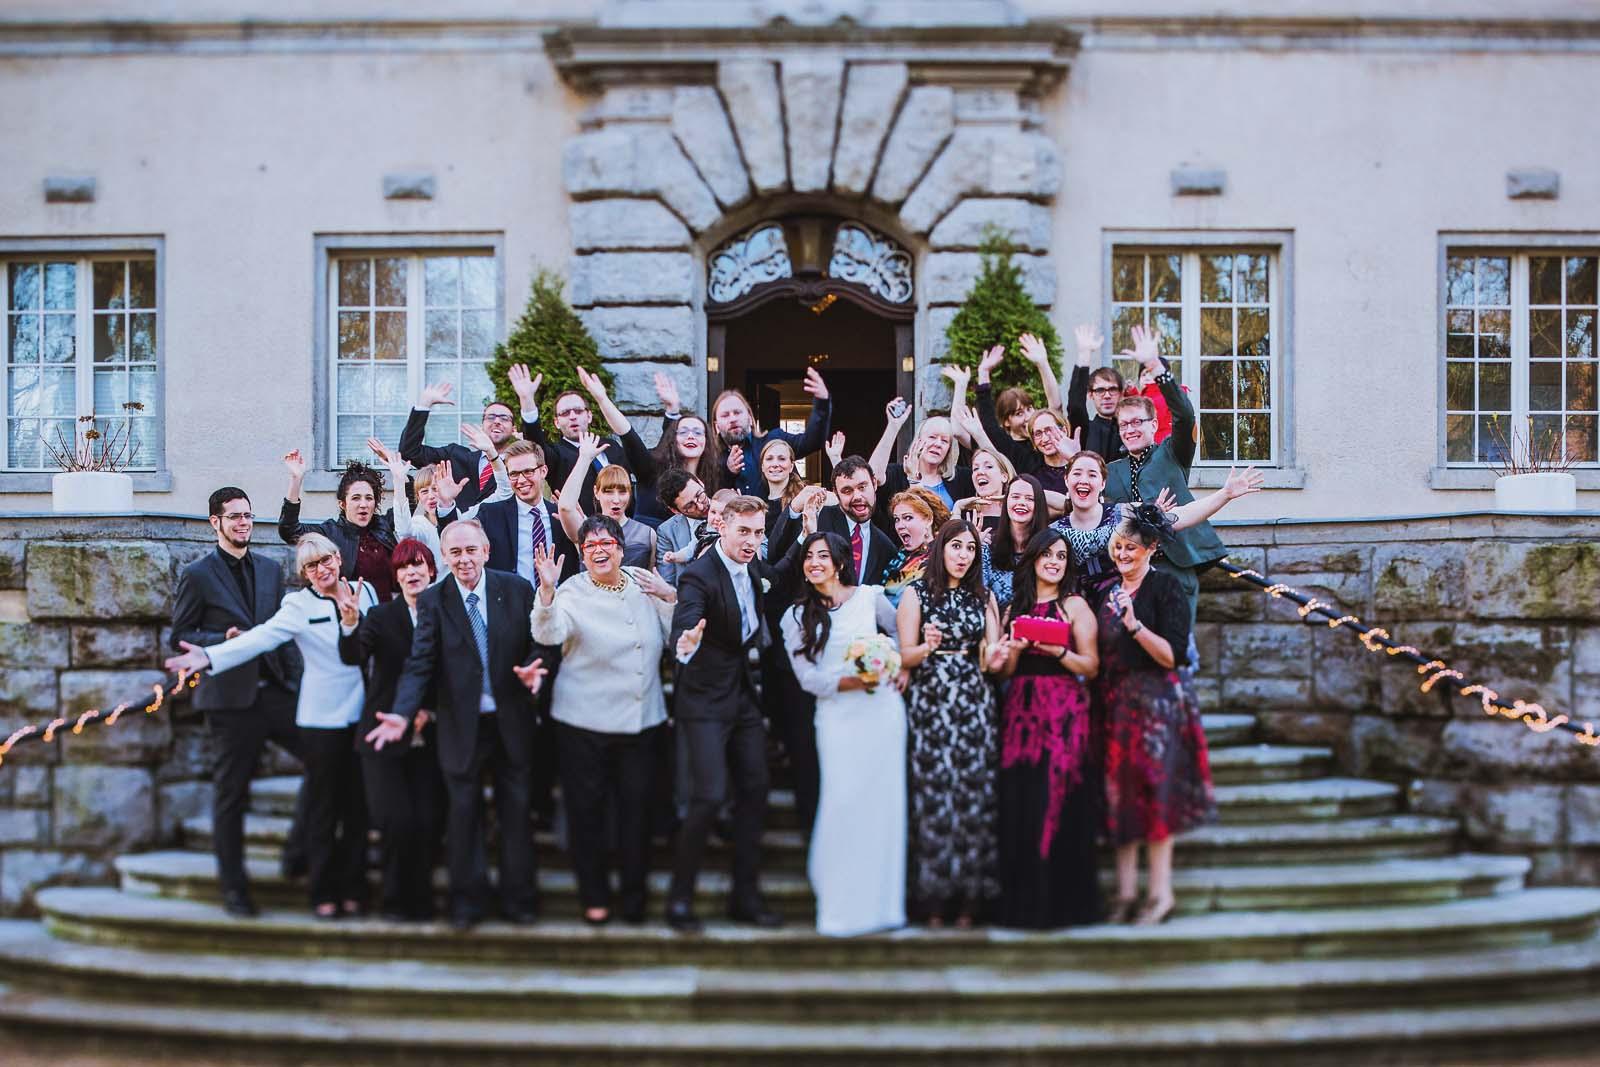 Lustiges Gruppenfoto am Schloss Kartzow von der Hochzeitsgesellschaft Hochzeitsfotograf Potsdam Copyright by Hochzeitsfotograf www.berliner-hochzeitsfotografie.de